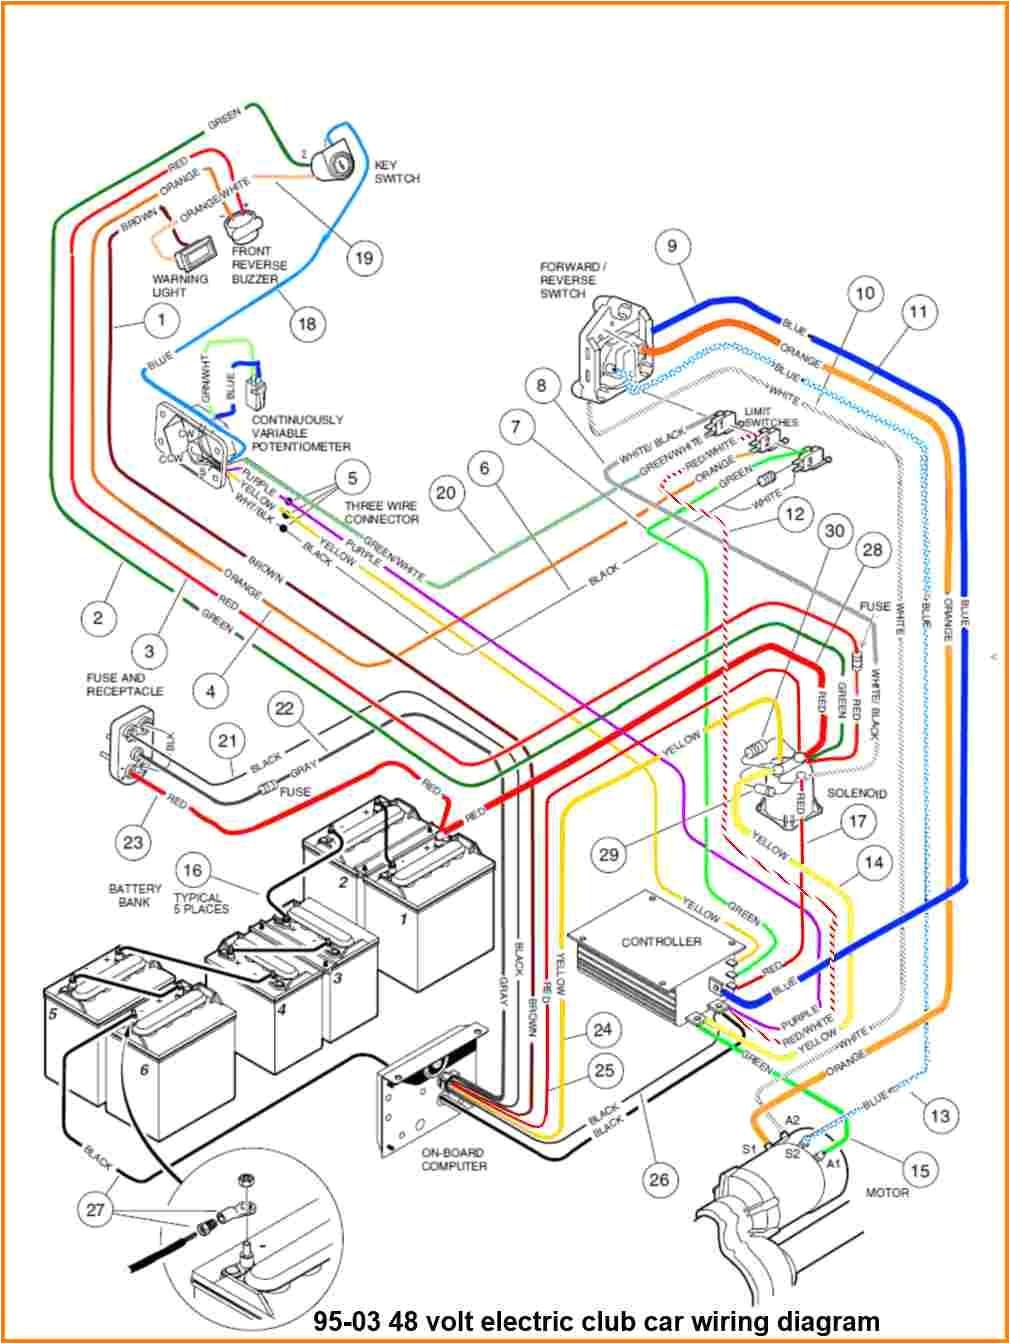 dc club car 36v wiring diagram wiring diagram article 1993 club car golf cart wiring diagram